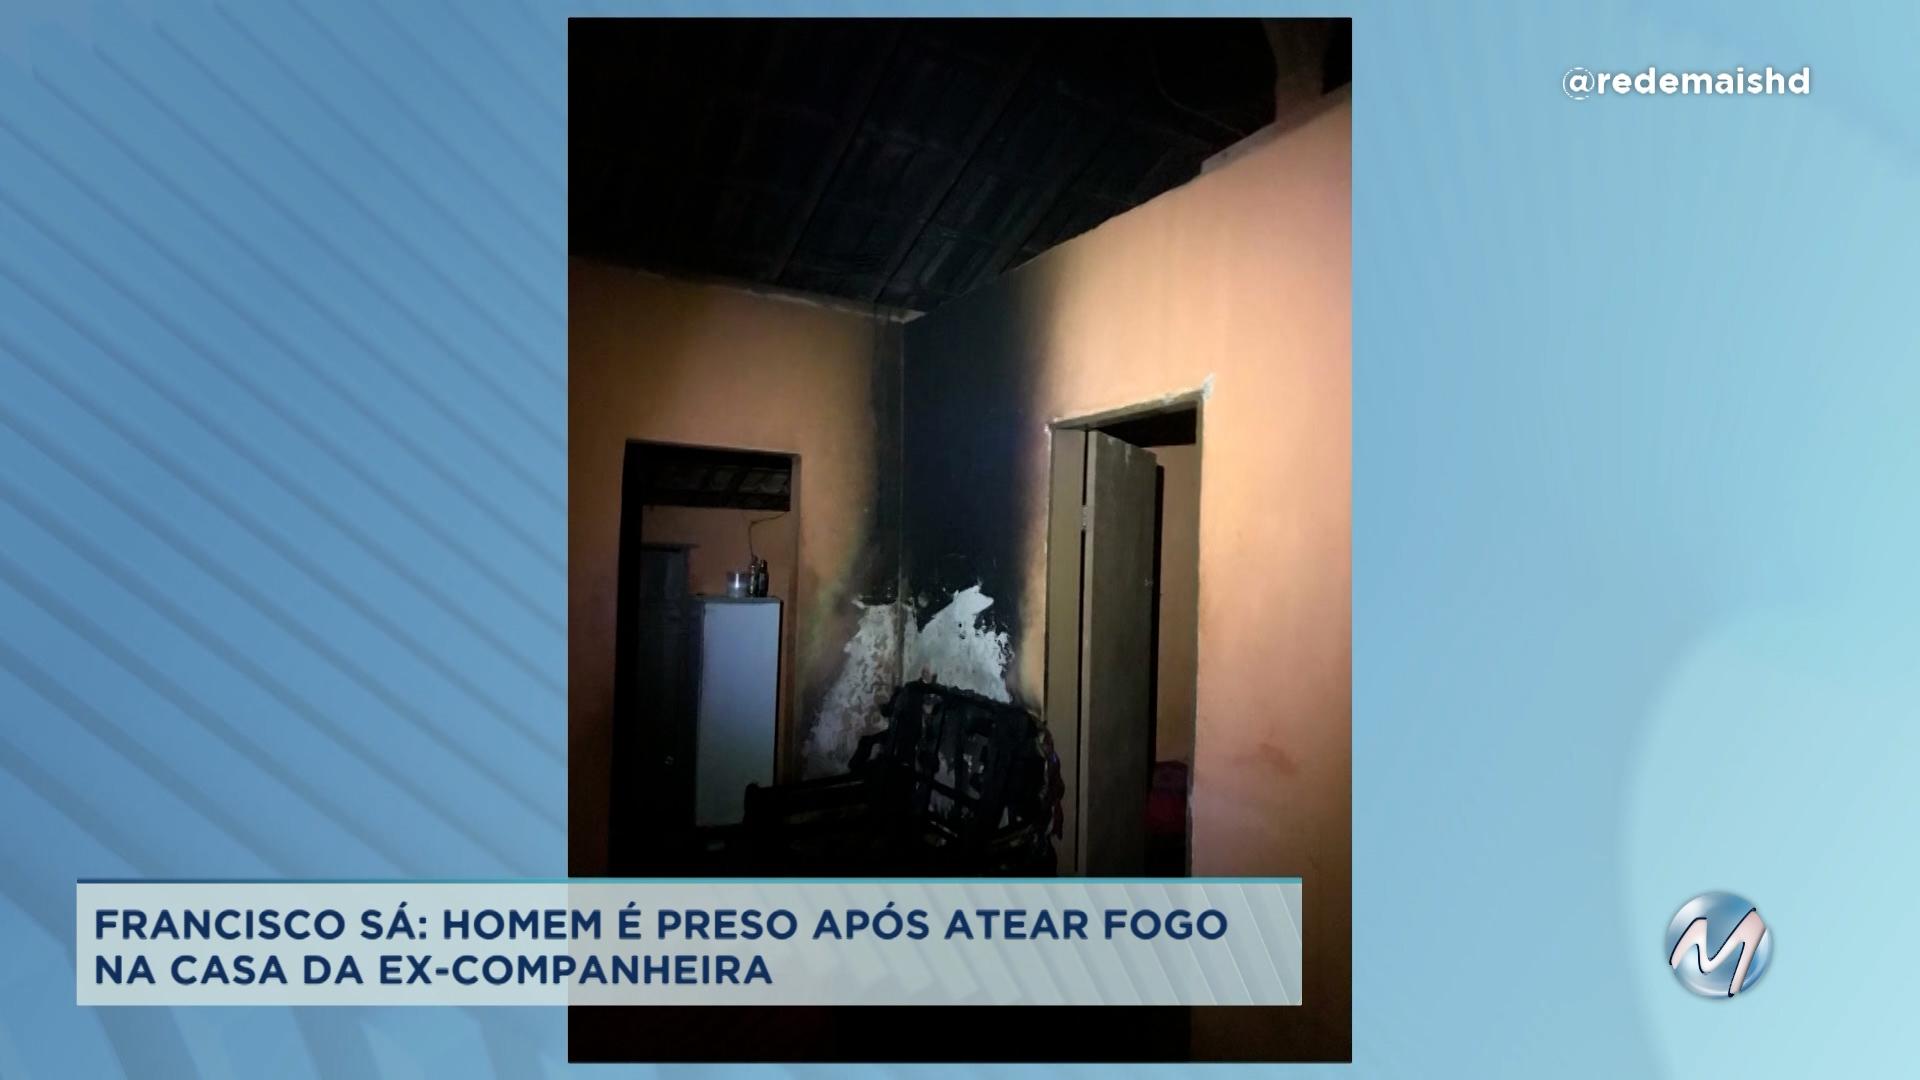 Francisco Sá: homem é preso após atear fogo na casa da ex-companheira